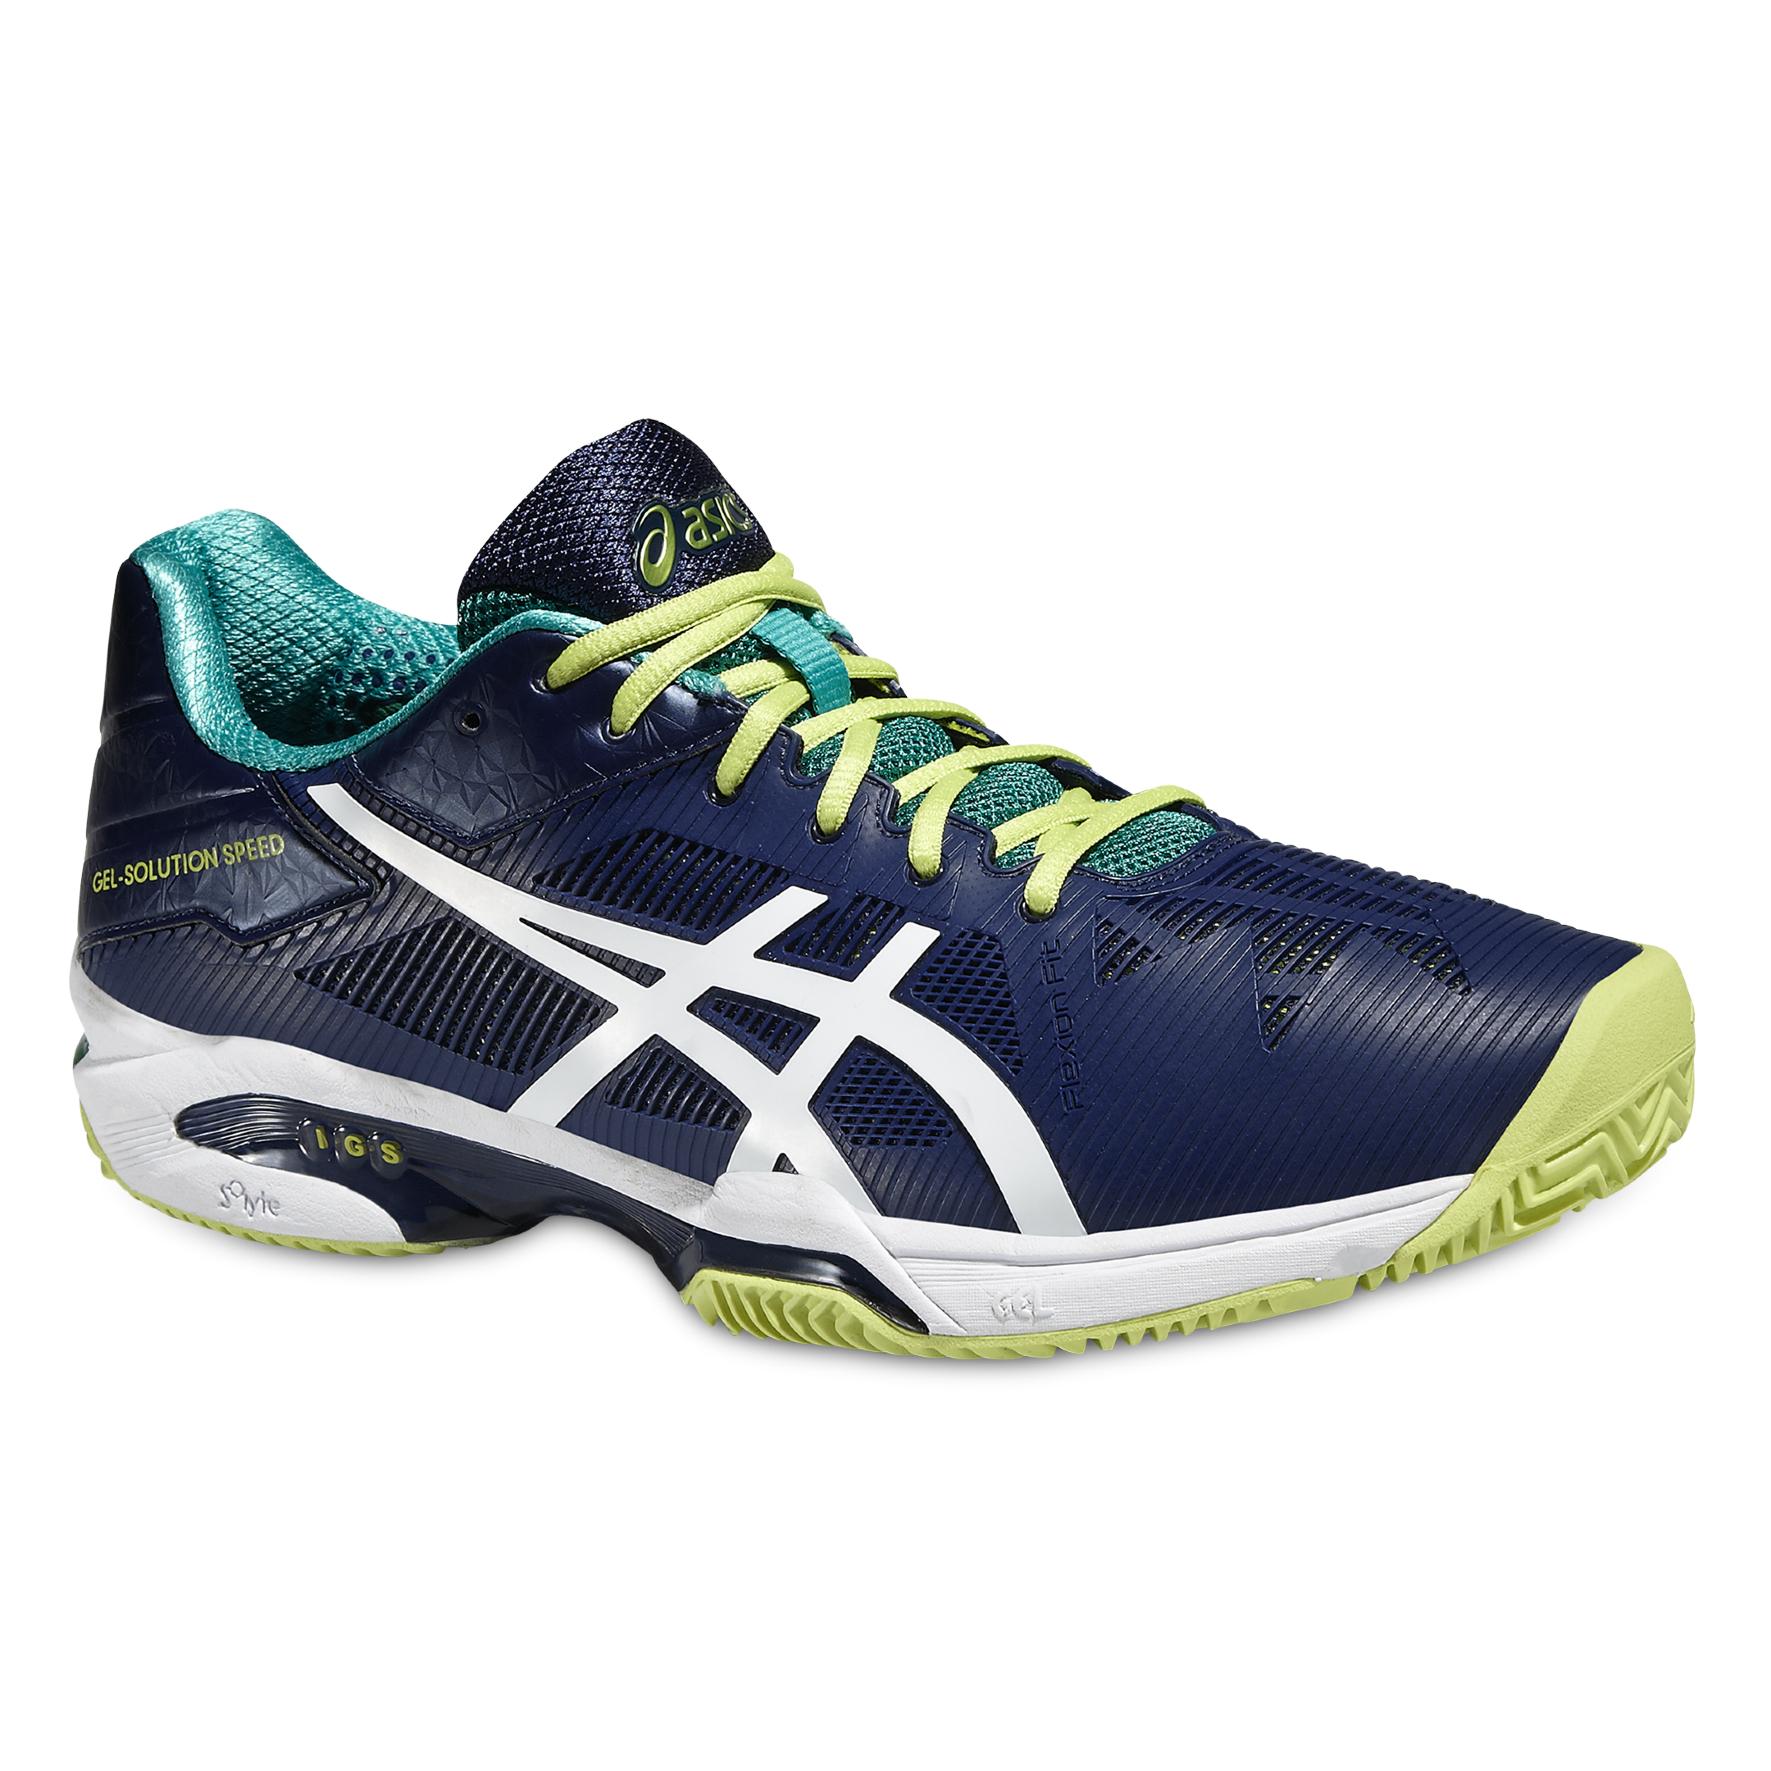 Détails sur Asics Gel solution Speed 3 Clay Tennis Hommes Chaussures e601n 5001 afficher le titre d'origine